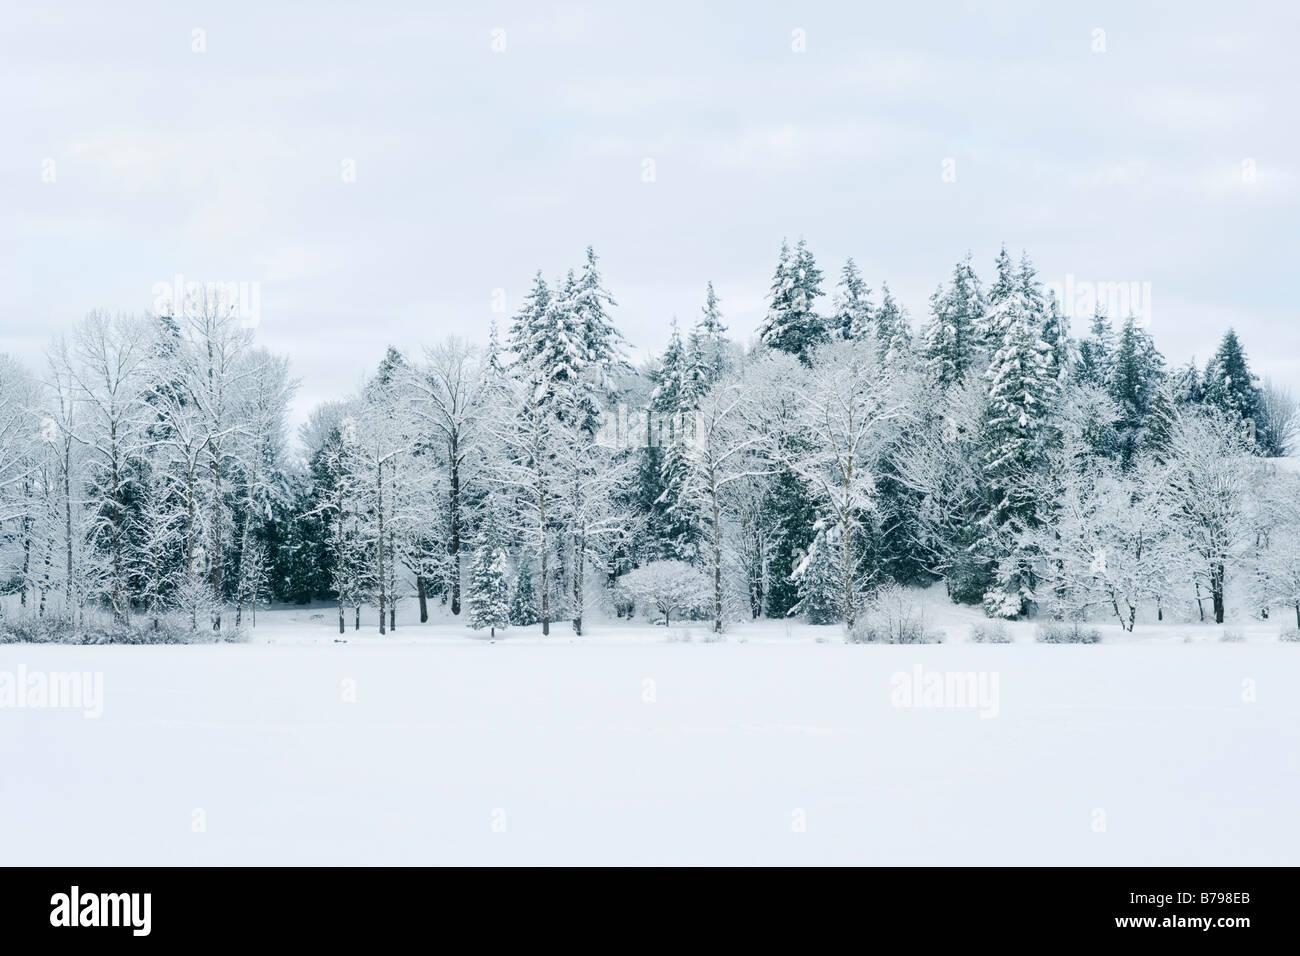 Coperte di neve linea di alberi Lago mulino in Abbotsford BC Canada Immagini Stock